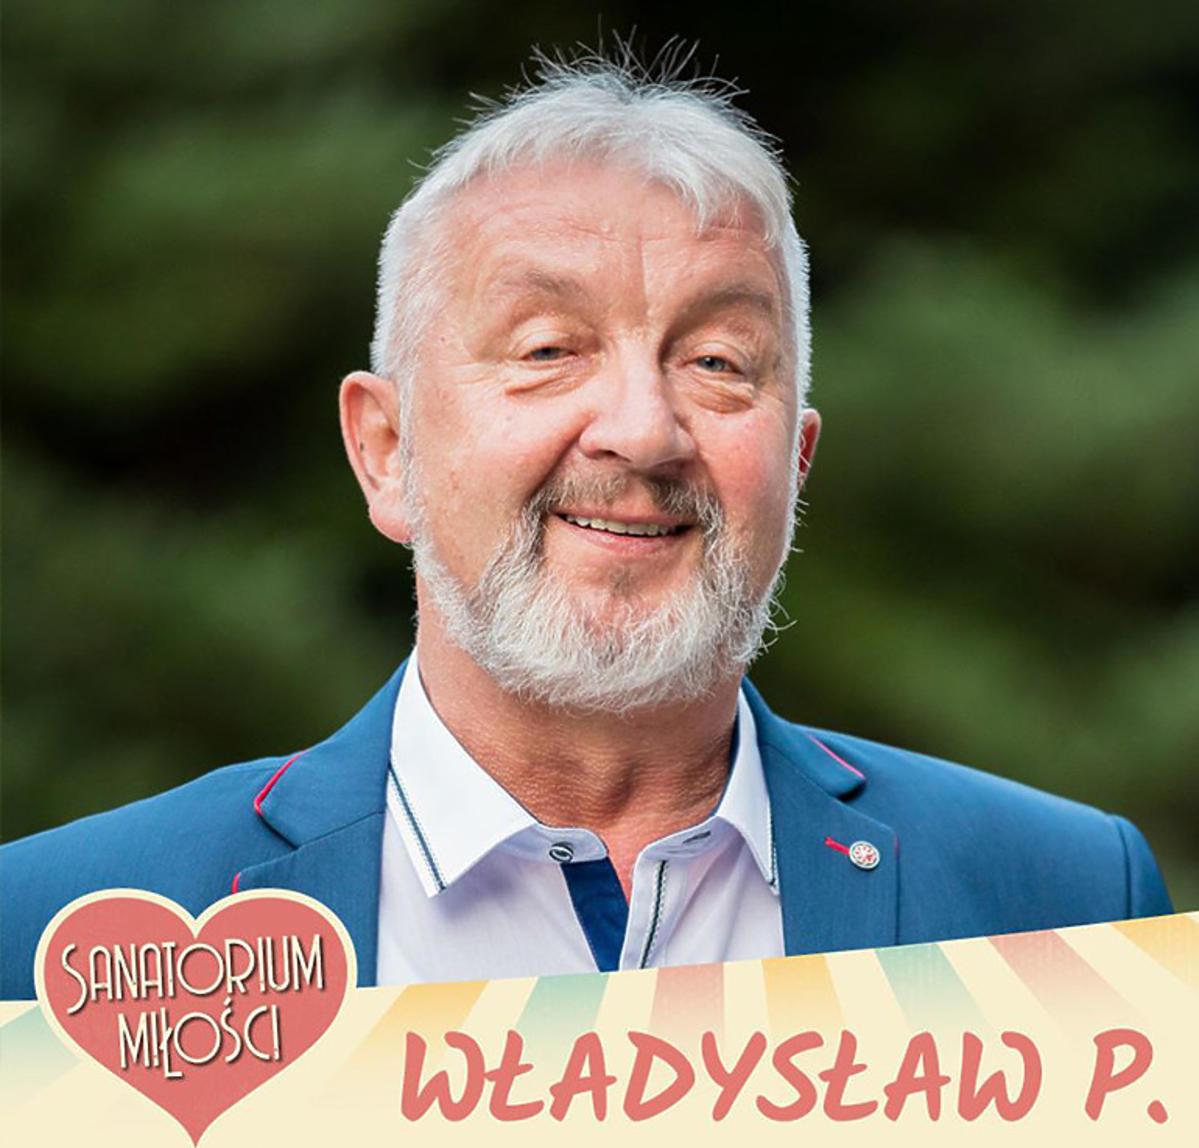 Władysław, Sanatorium Miłości